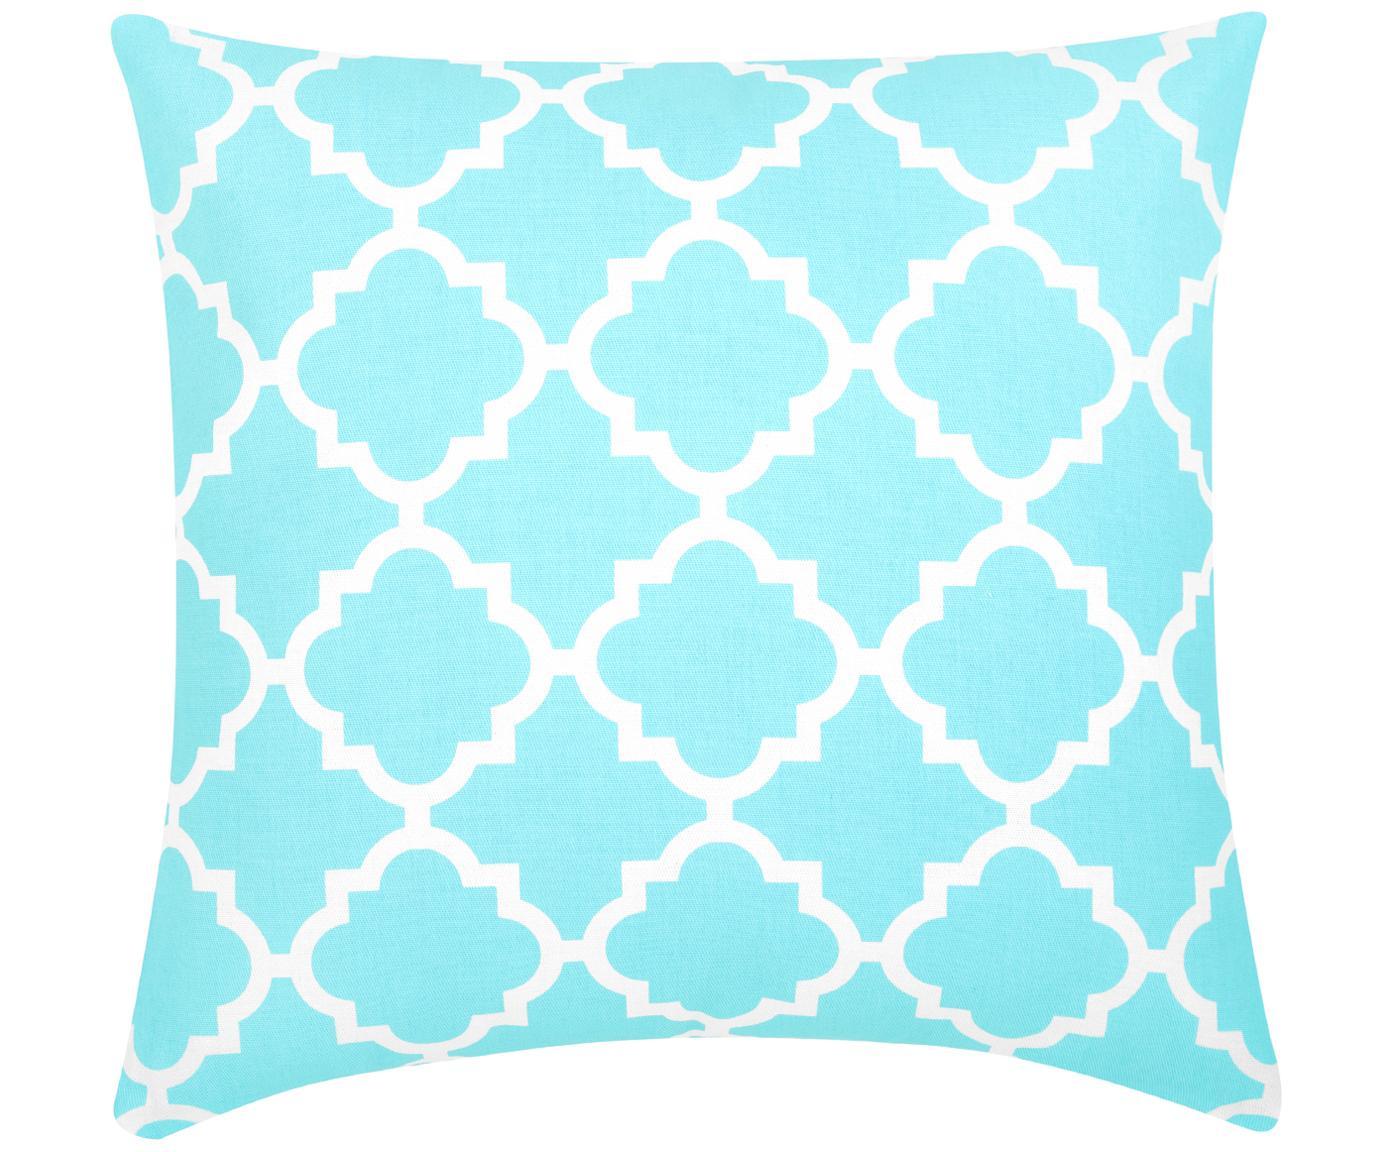 Kussenhoes Lana met grafisch patroon, 100% katoen, Turquoise, wit, 45 x 45 cm